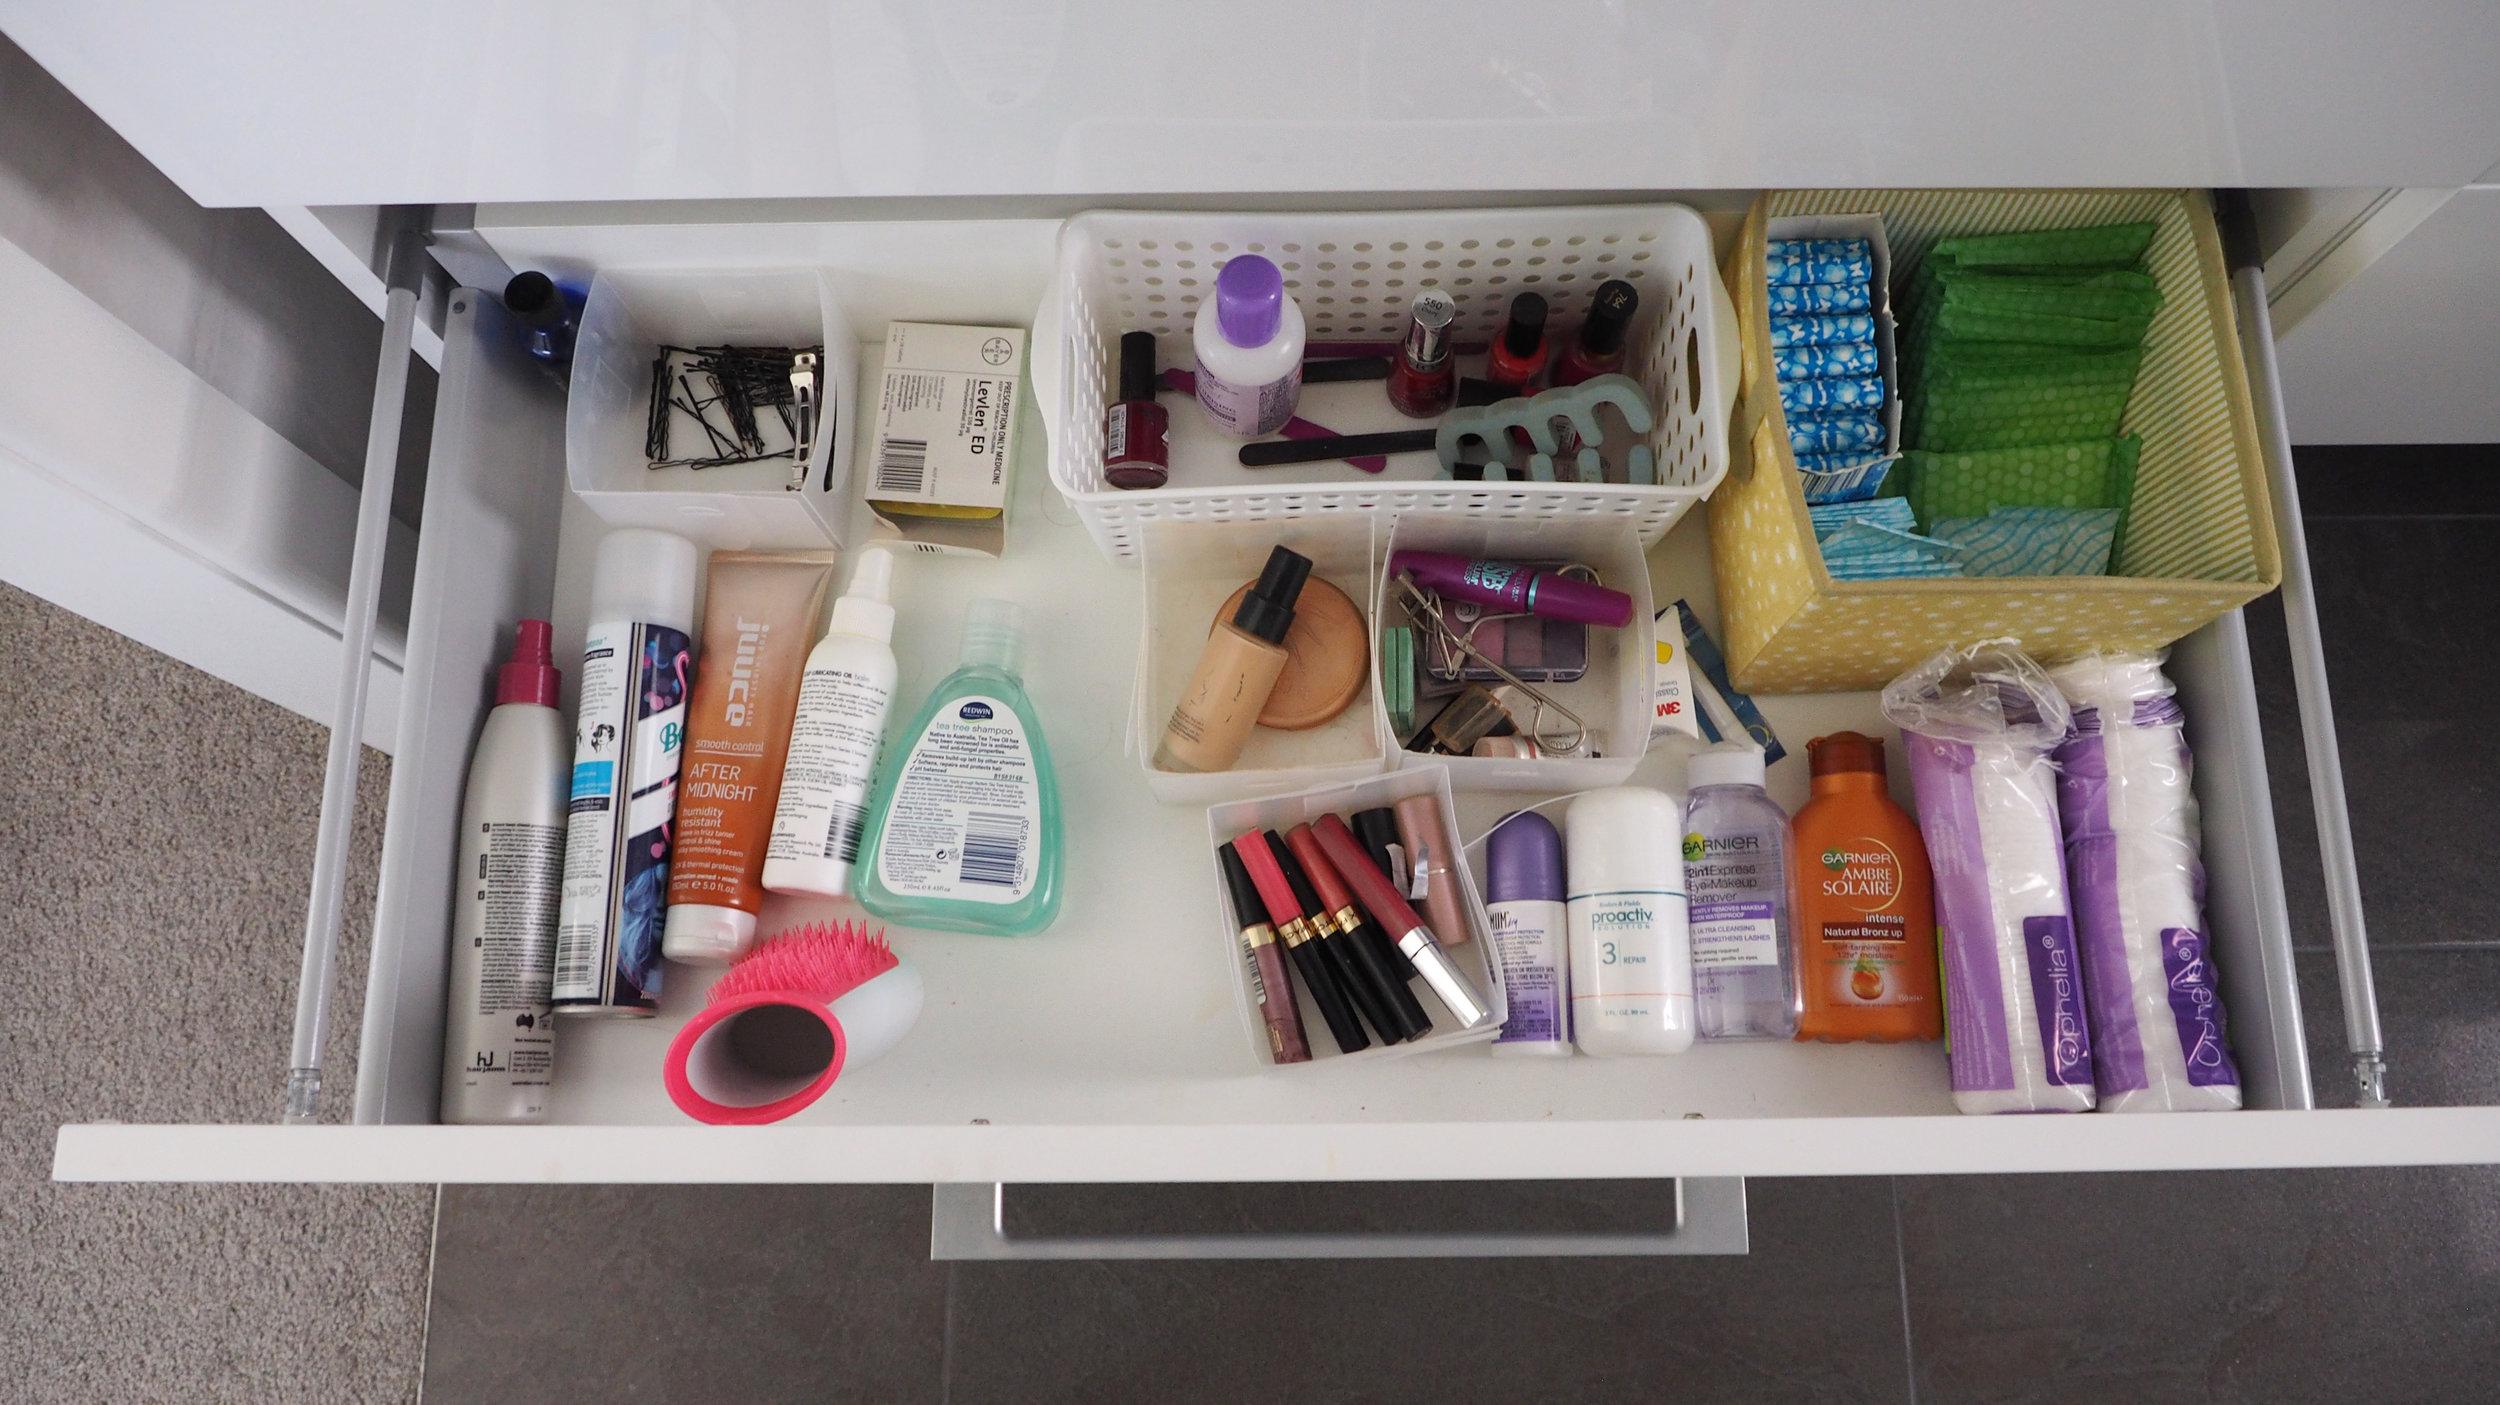 Organised bathroom vanity - The Organised You